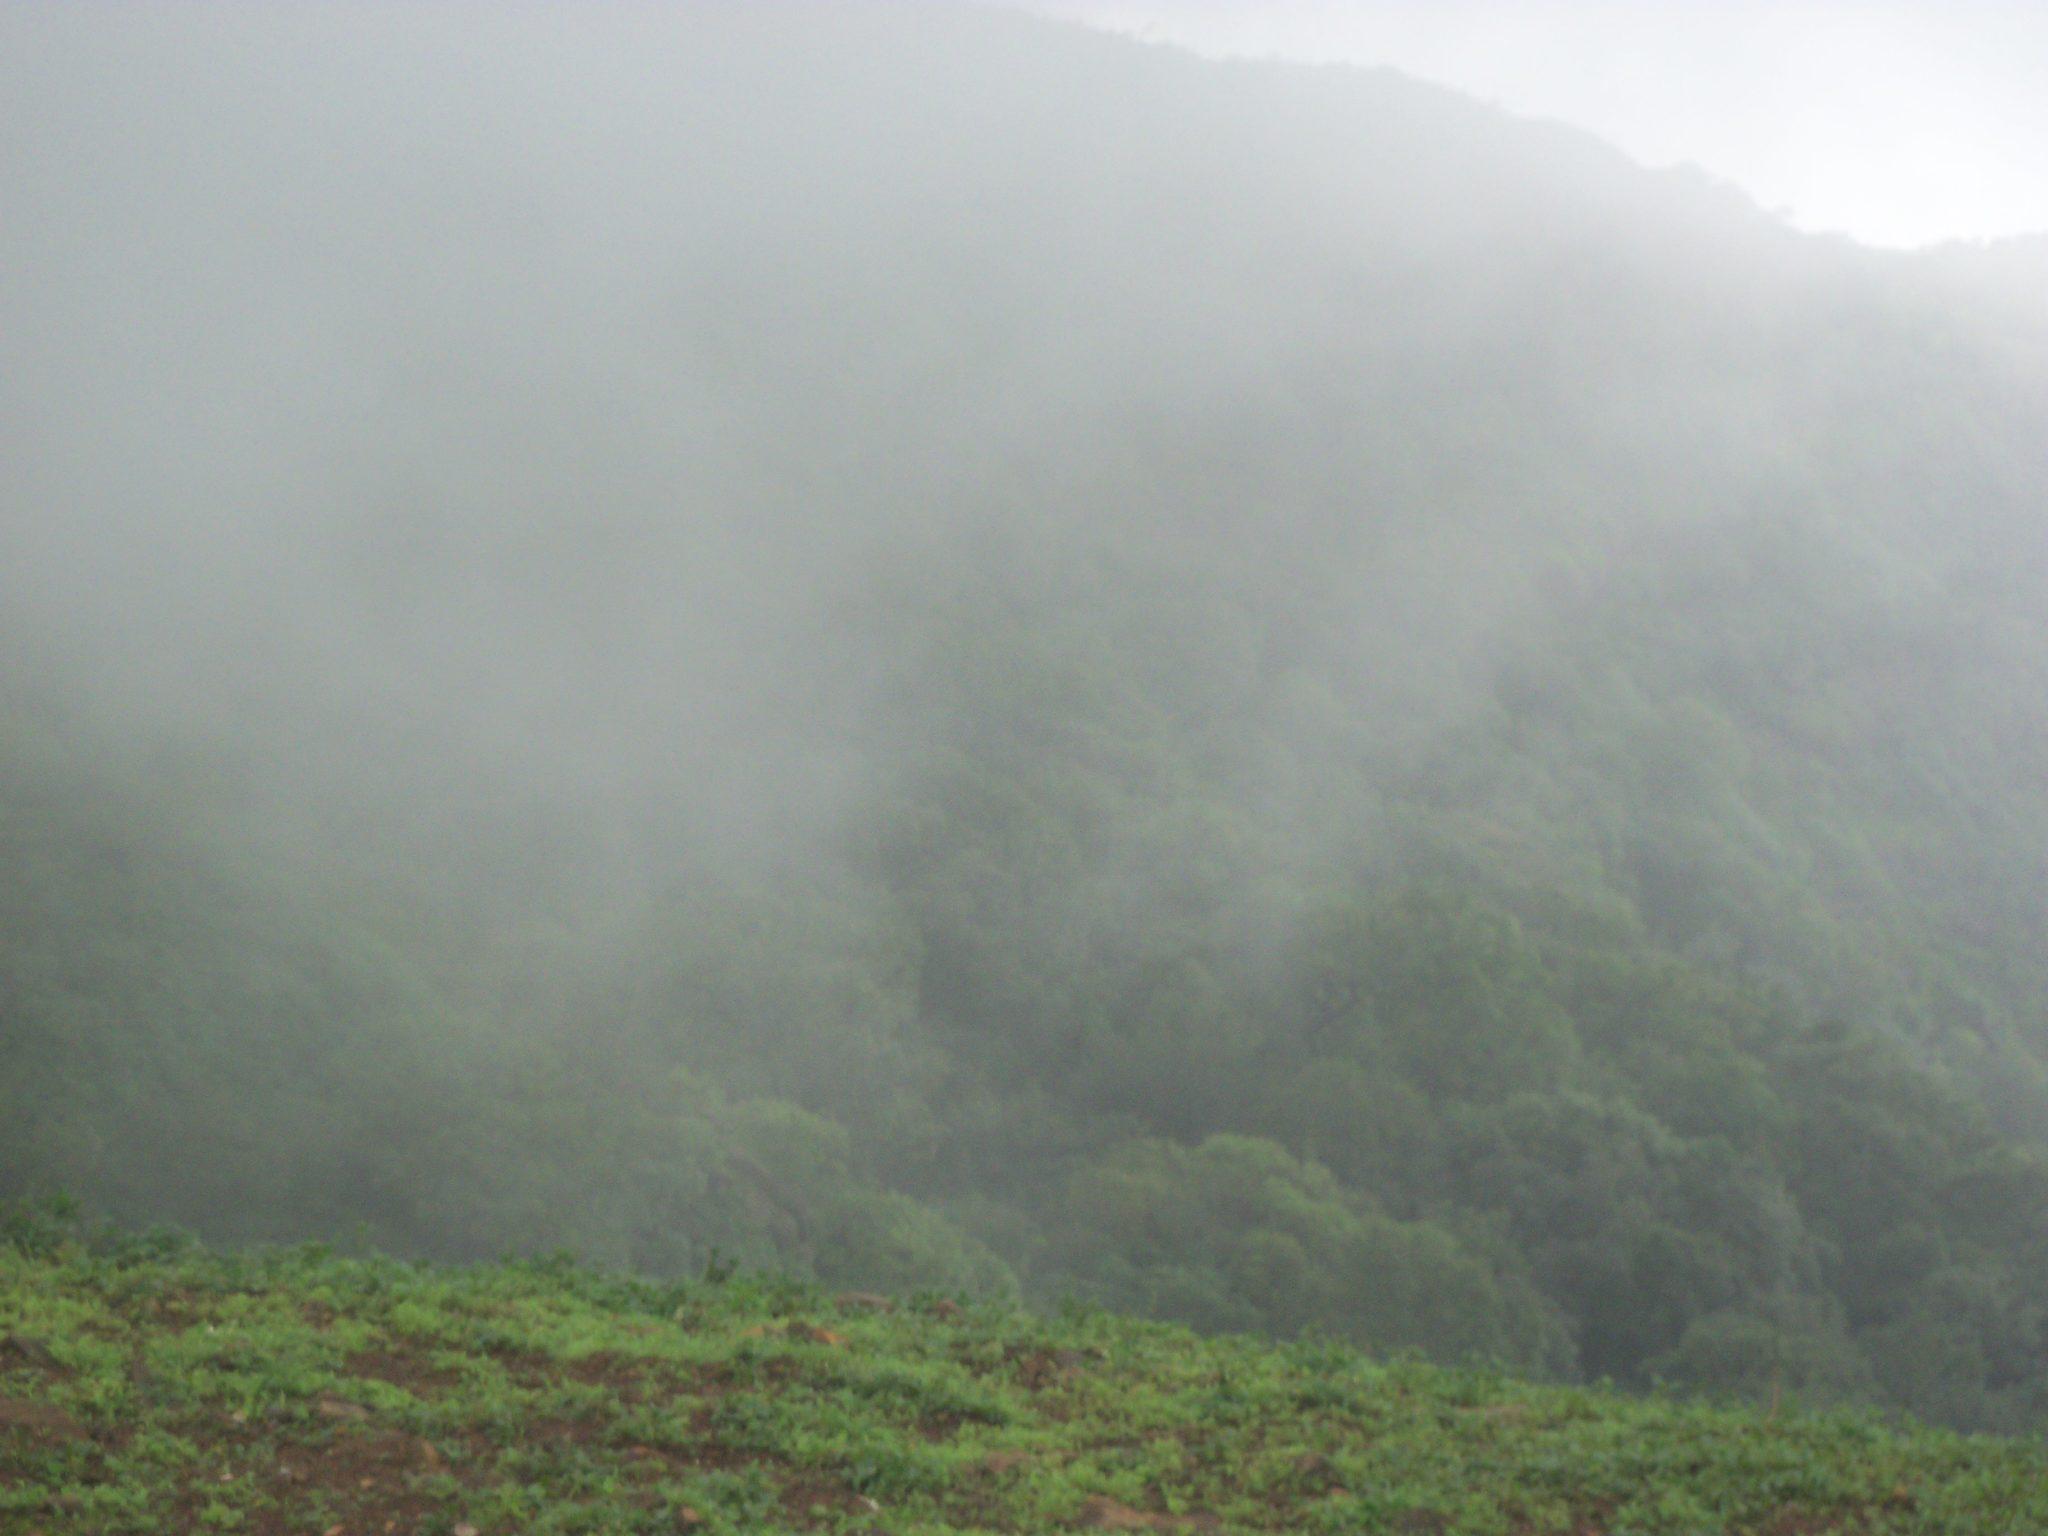 Mountain Fog - Pic by Shakti